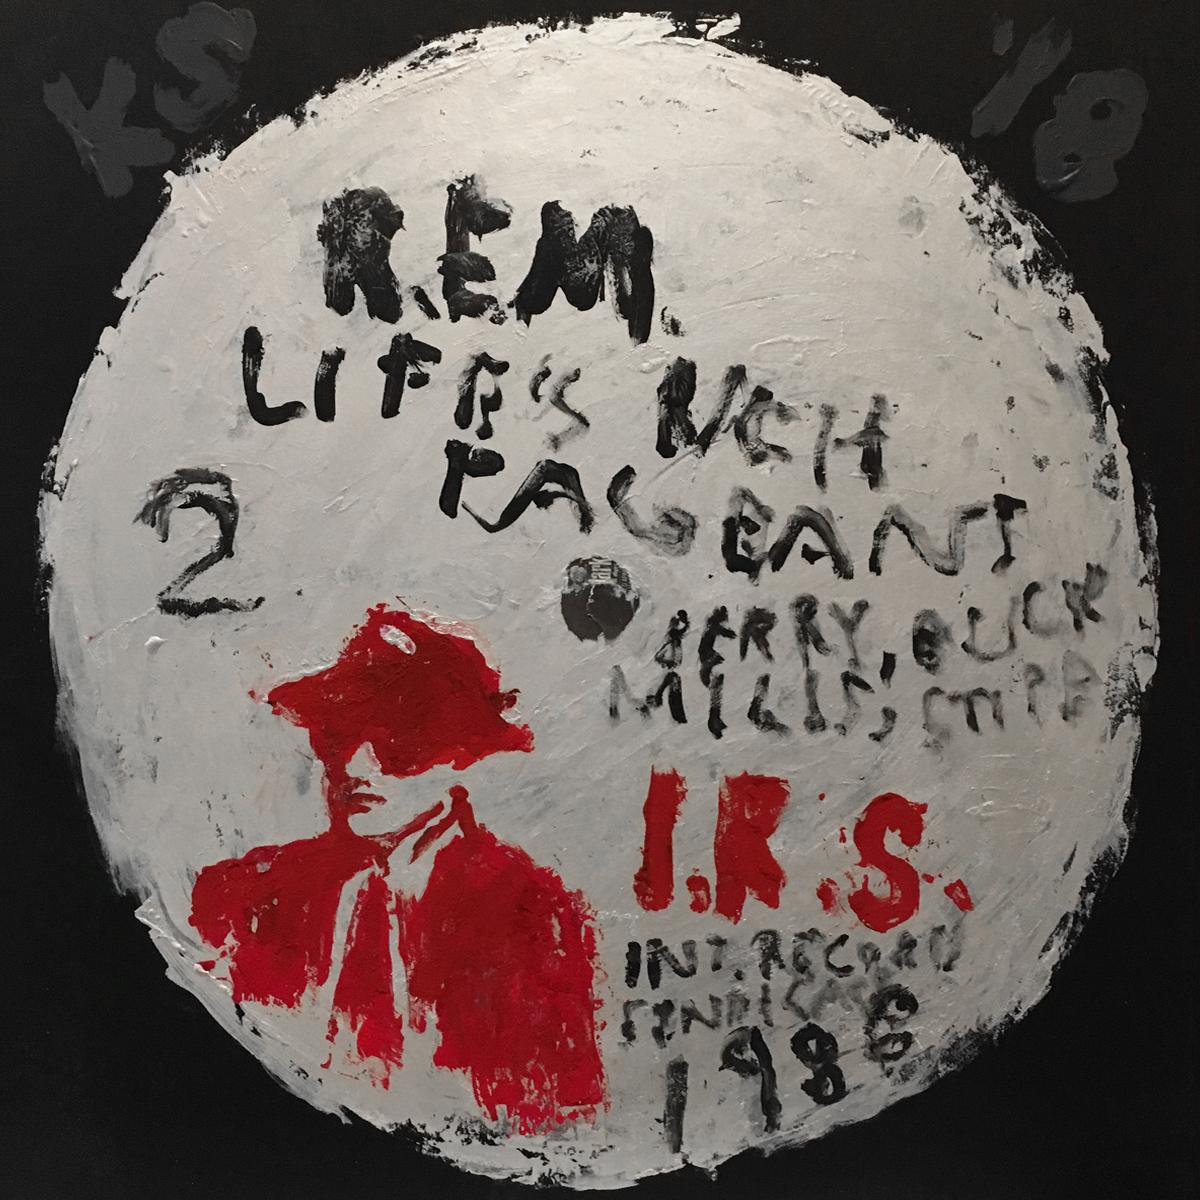 REM / Life's rich pageant